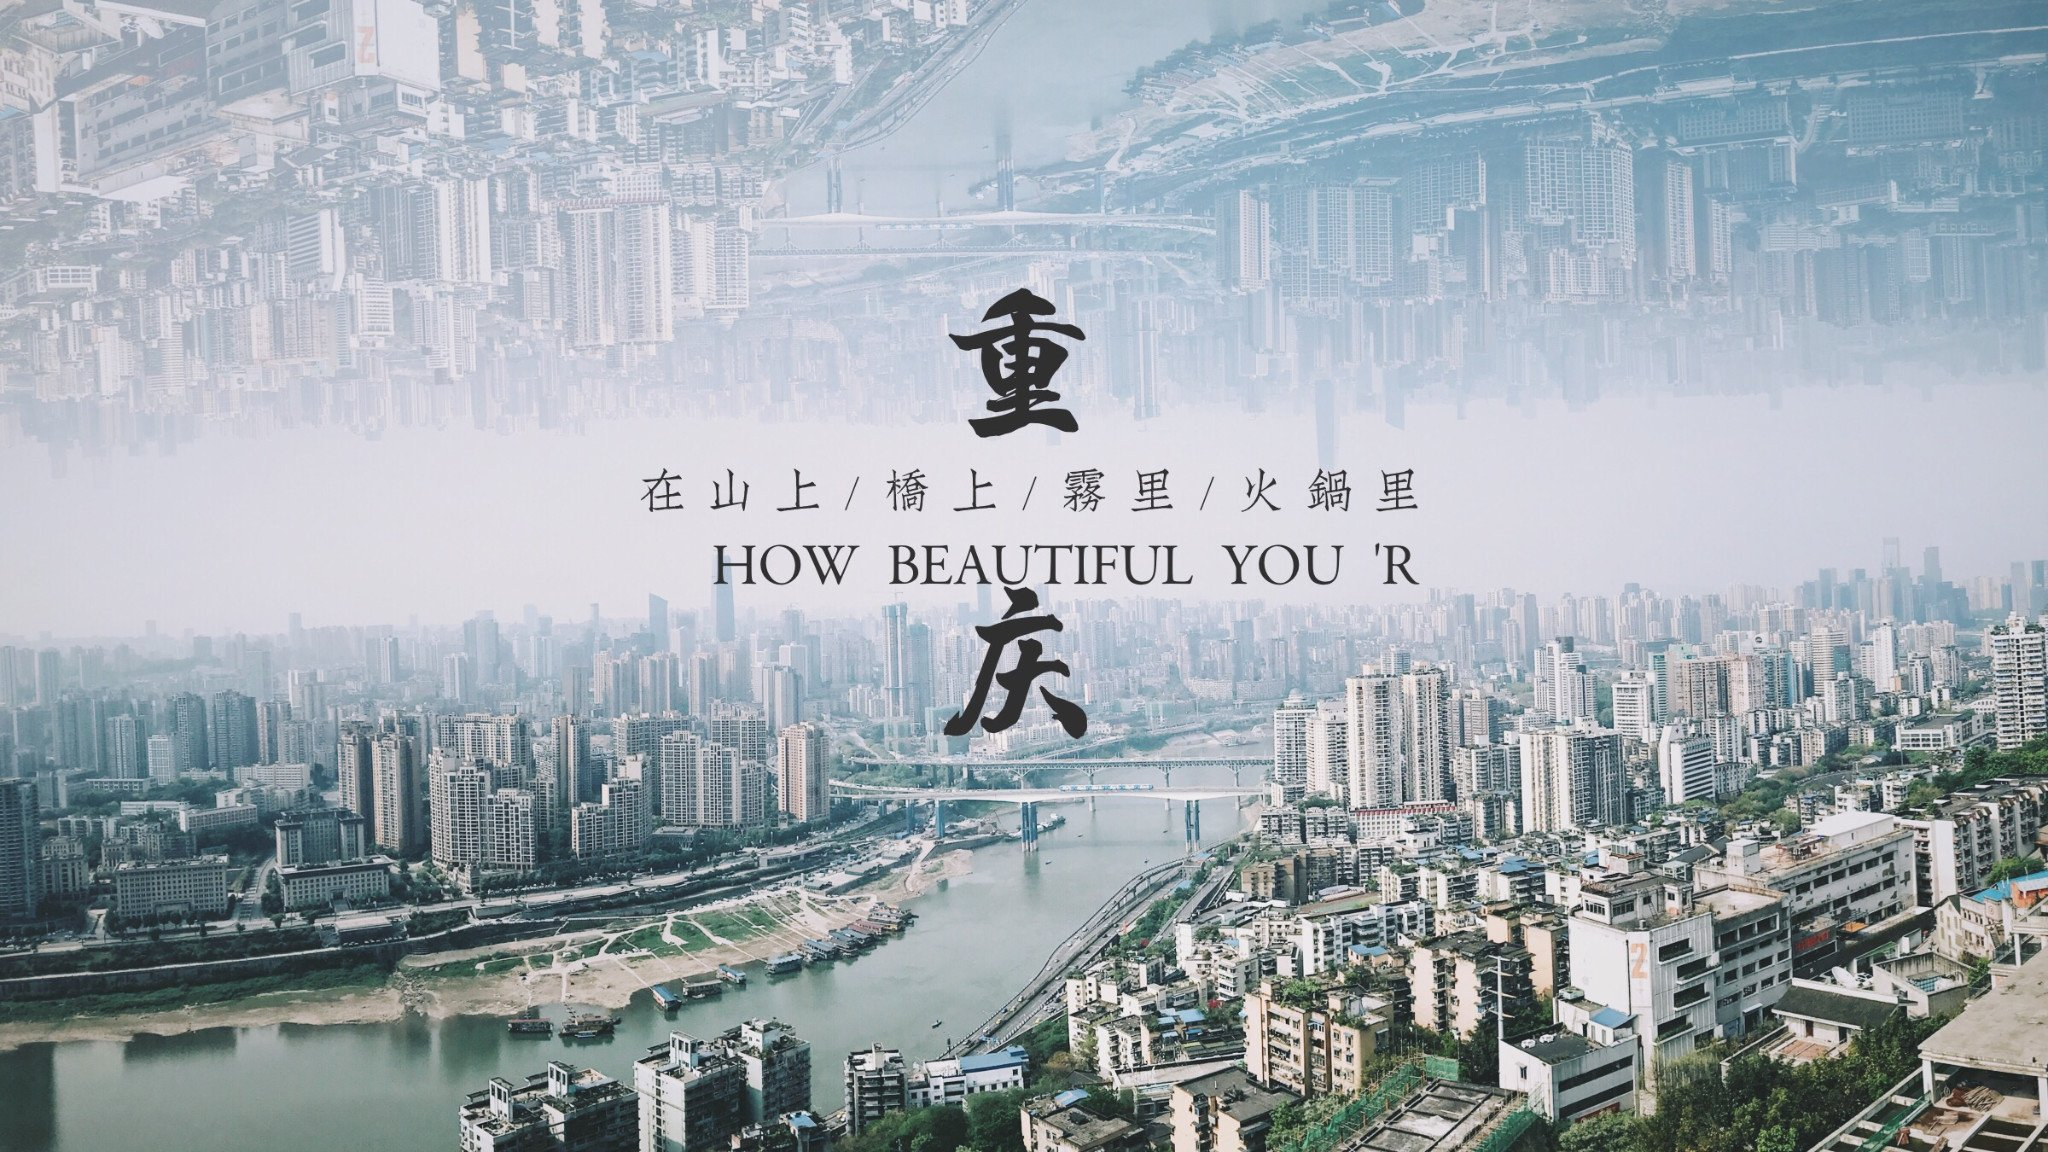 三天,如何在山城重庆文艺地吃喝?